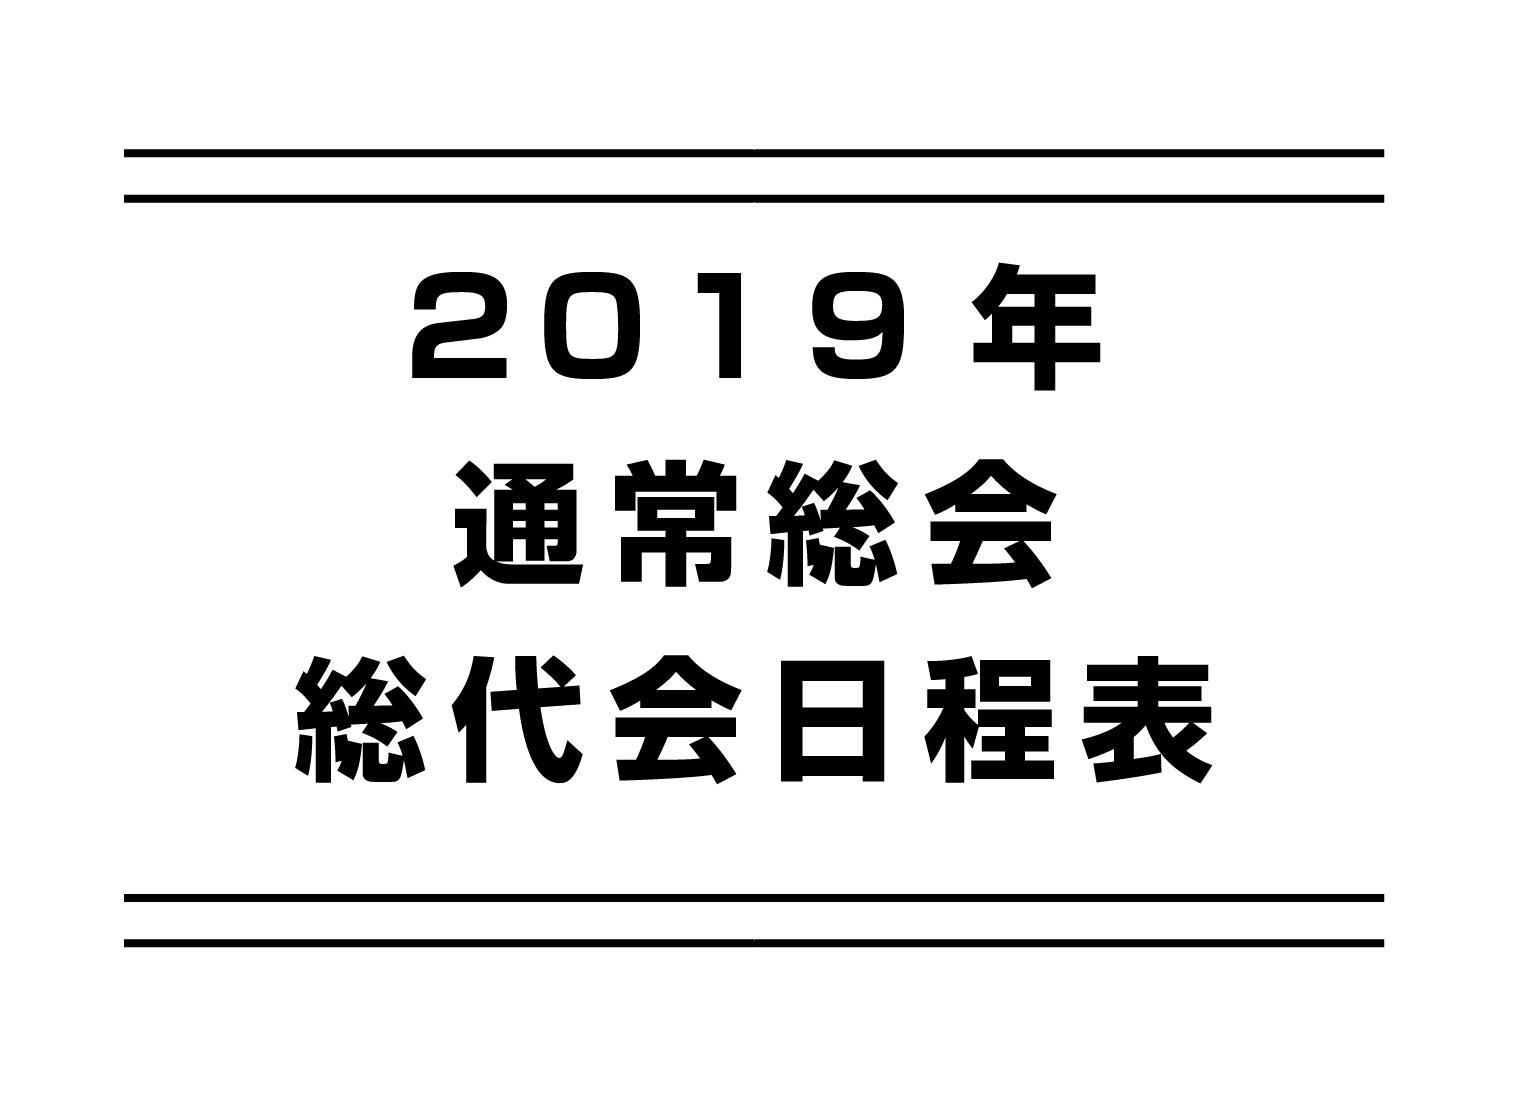 2019年 通常総会・総代会日程表 の画像